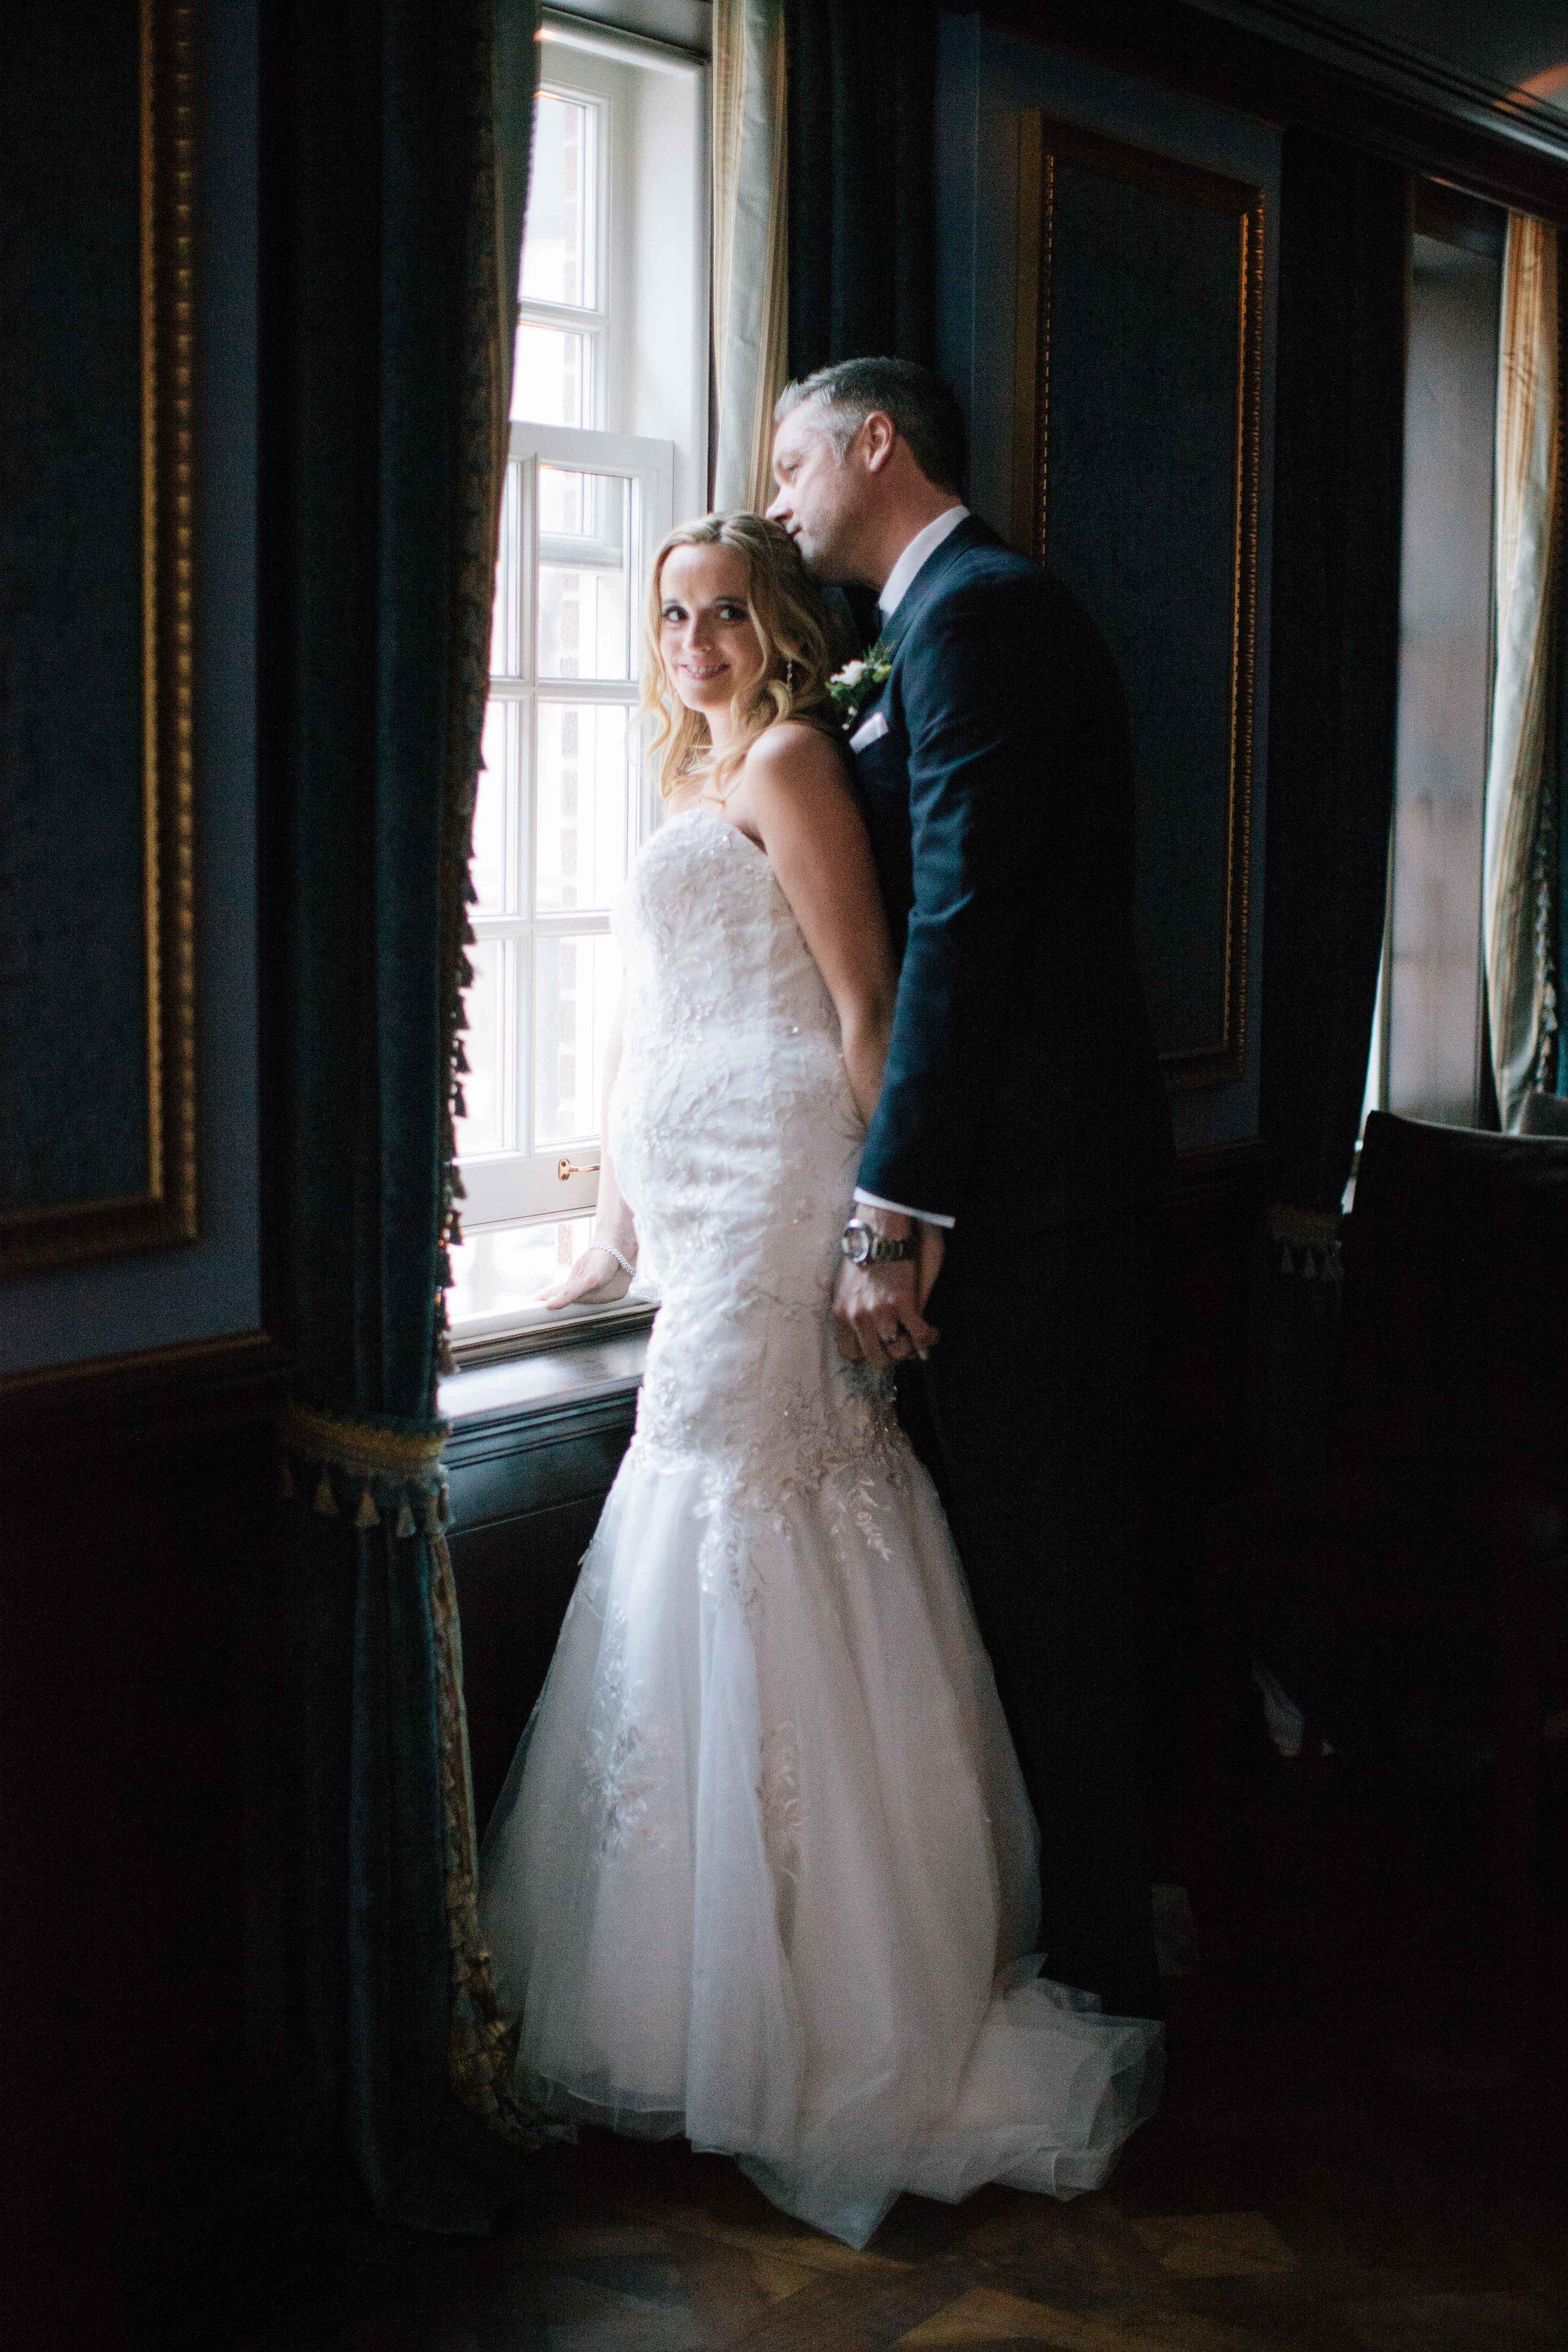 CHRIS_GEORGINA_WEDDING-94.jpg